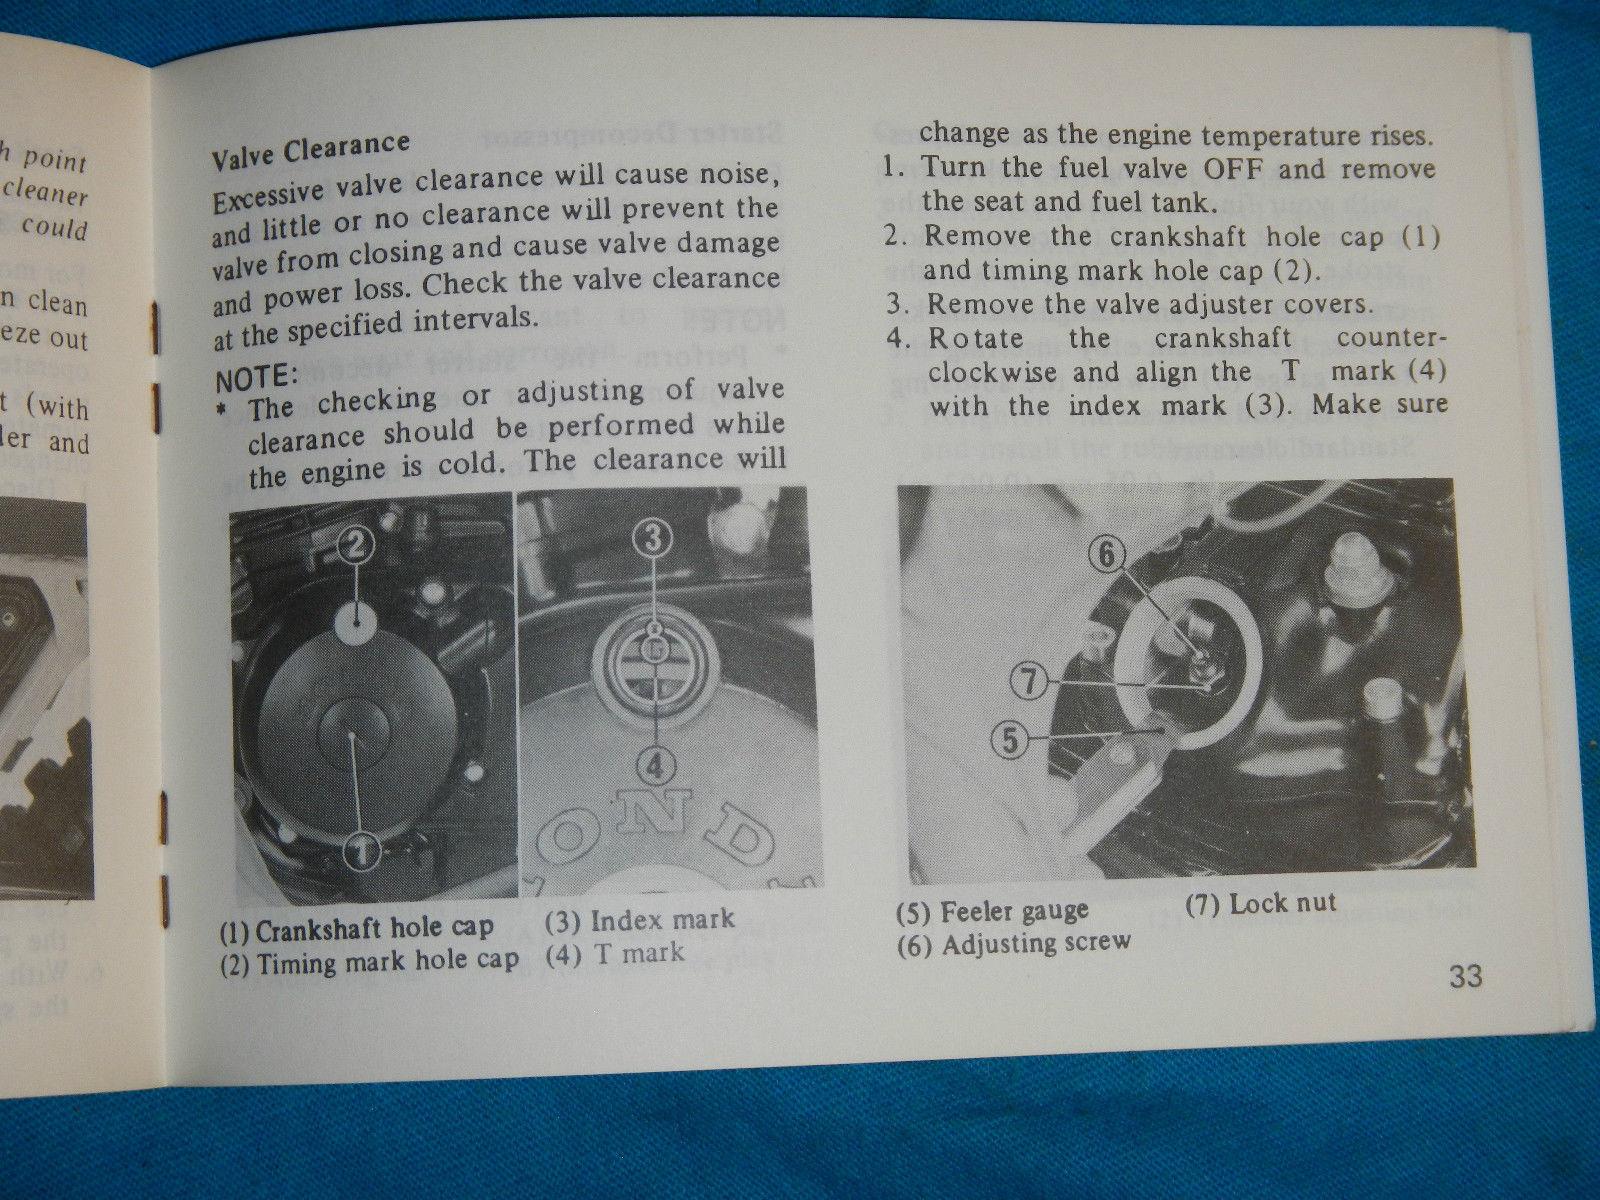 1984 84 honda xr200 xr 200 owner owners and similar items rh bonanza com honda xr200 service manual honda xr200 service manual free